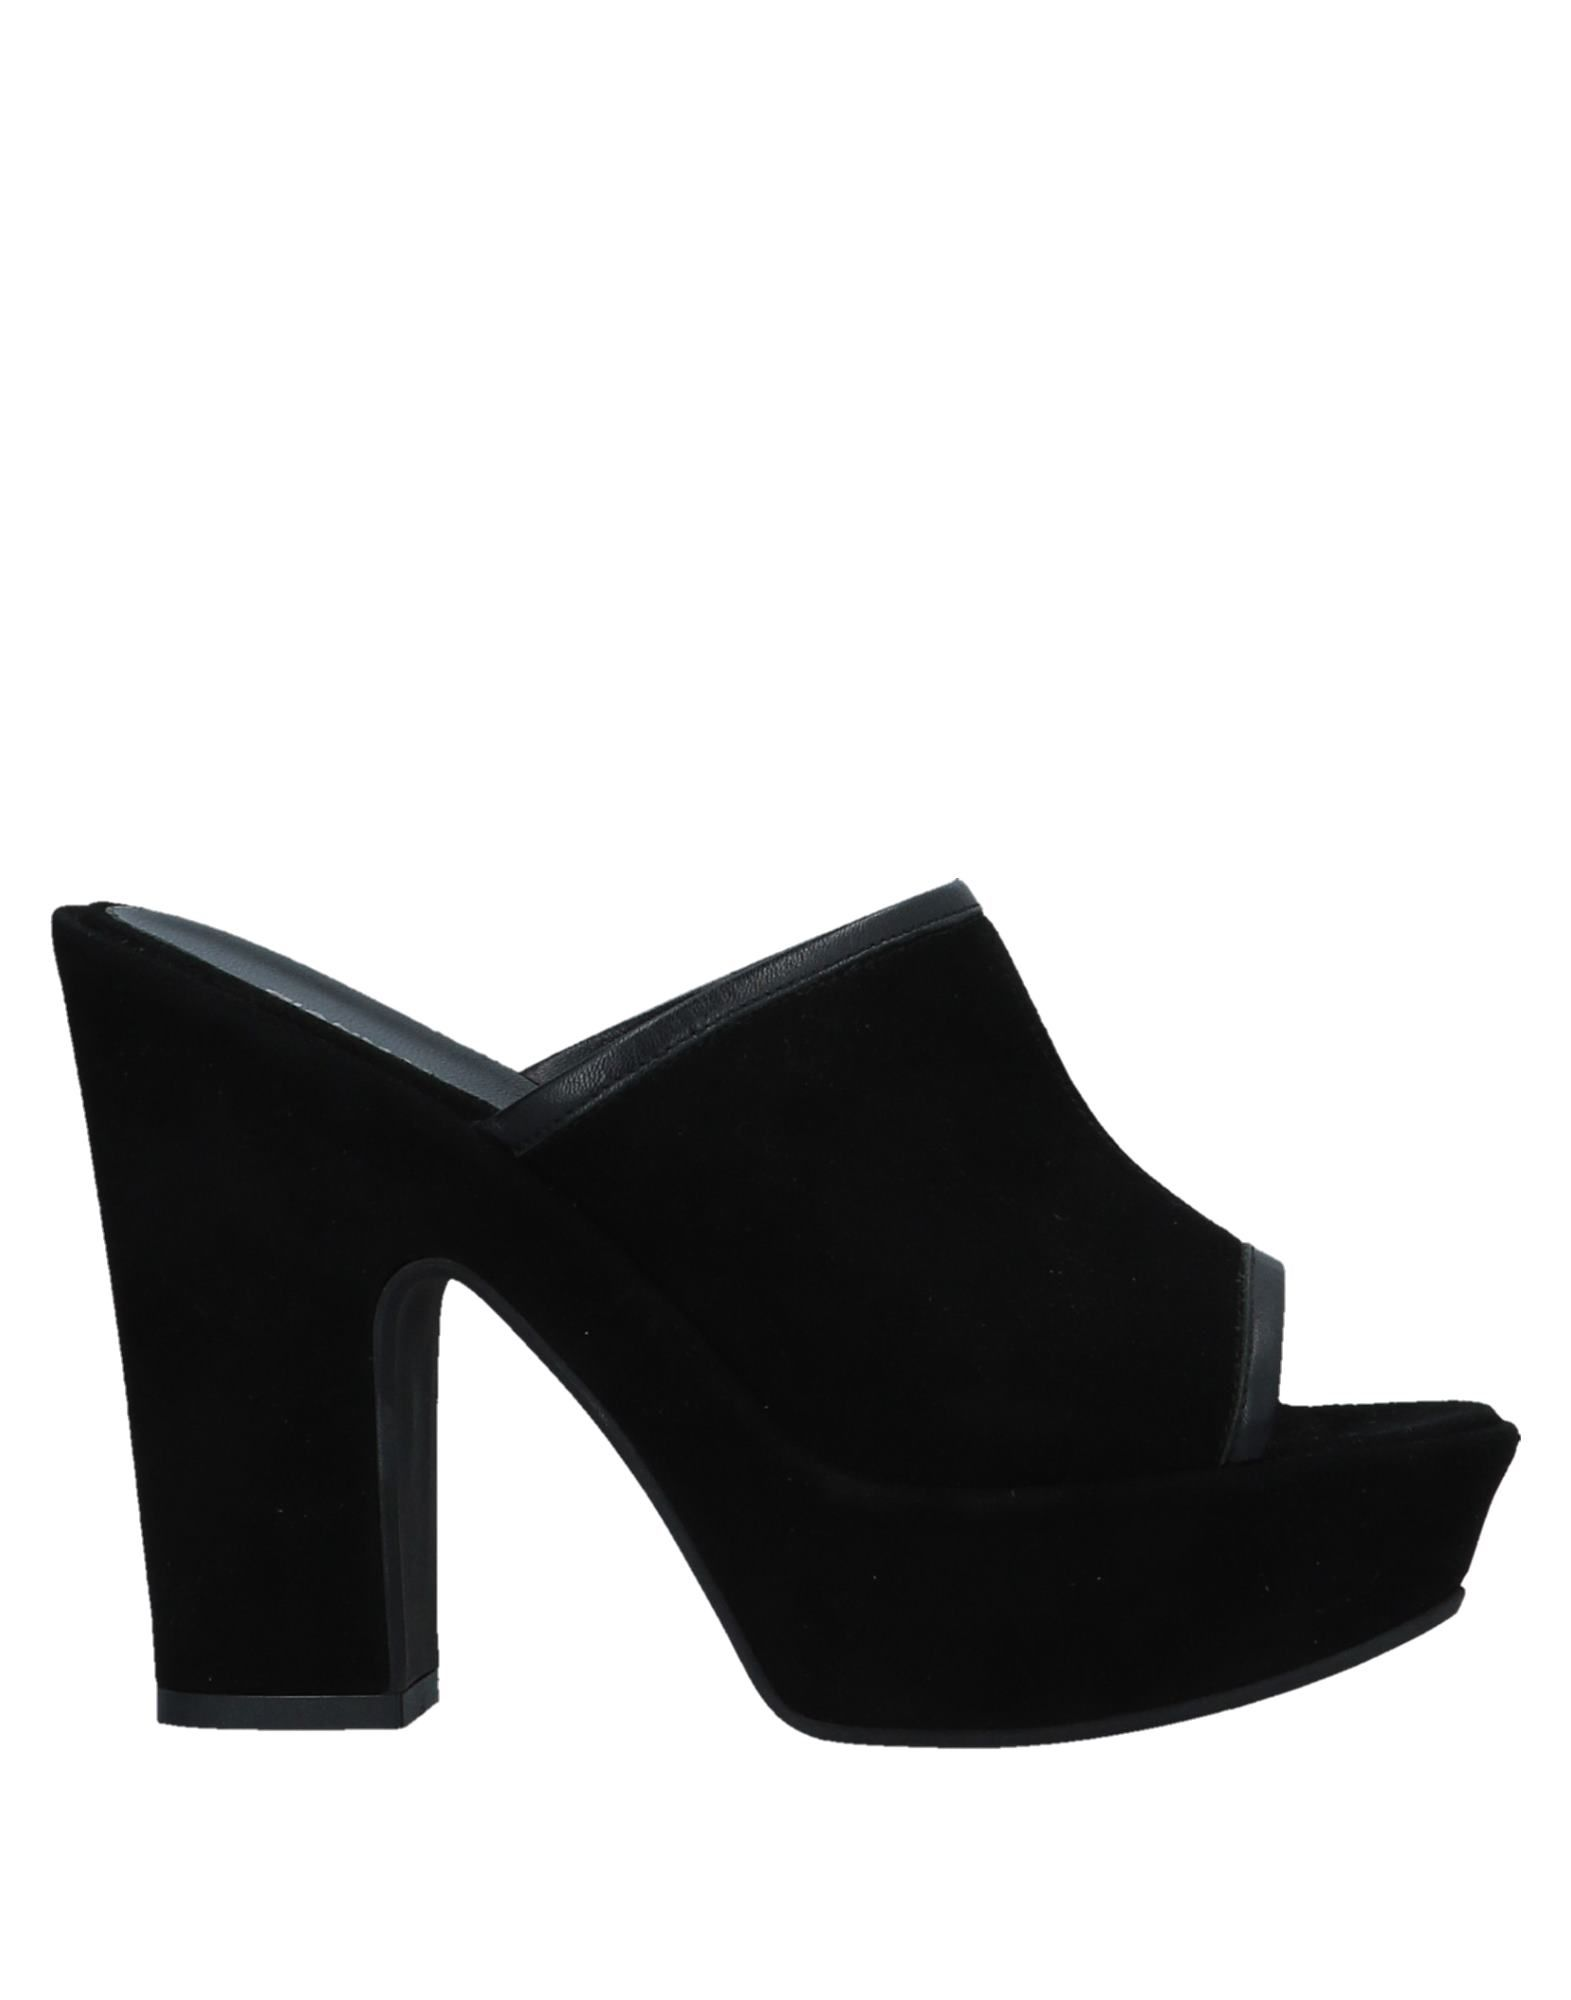 GIANMARCO SORELLI | GIANMARCO SORELLI Sandals | Goxip